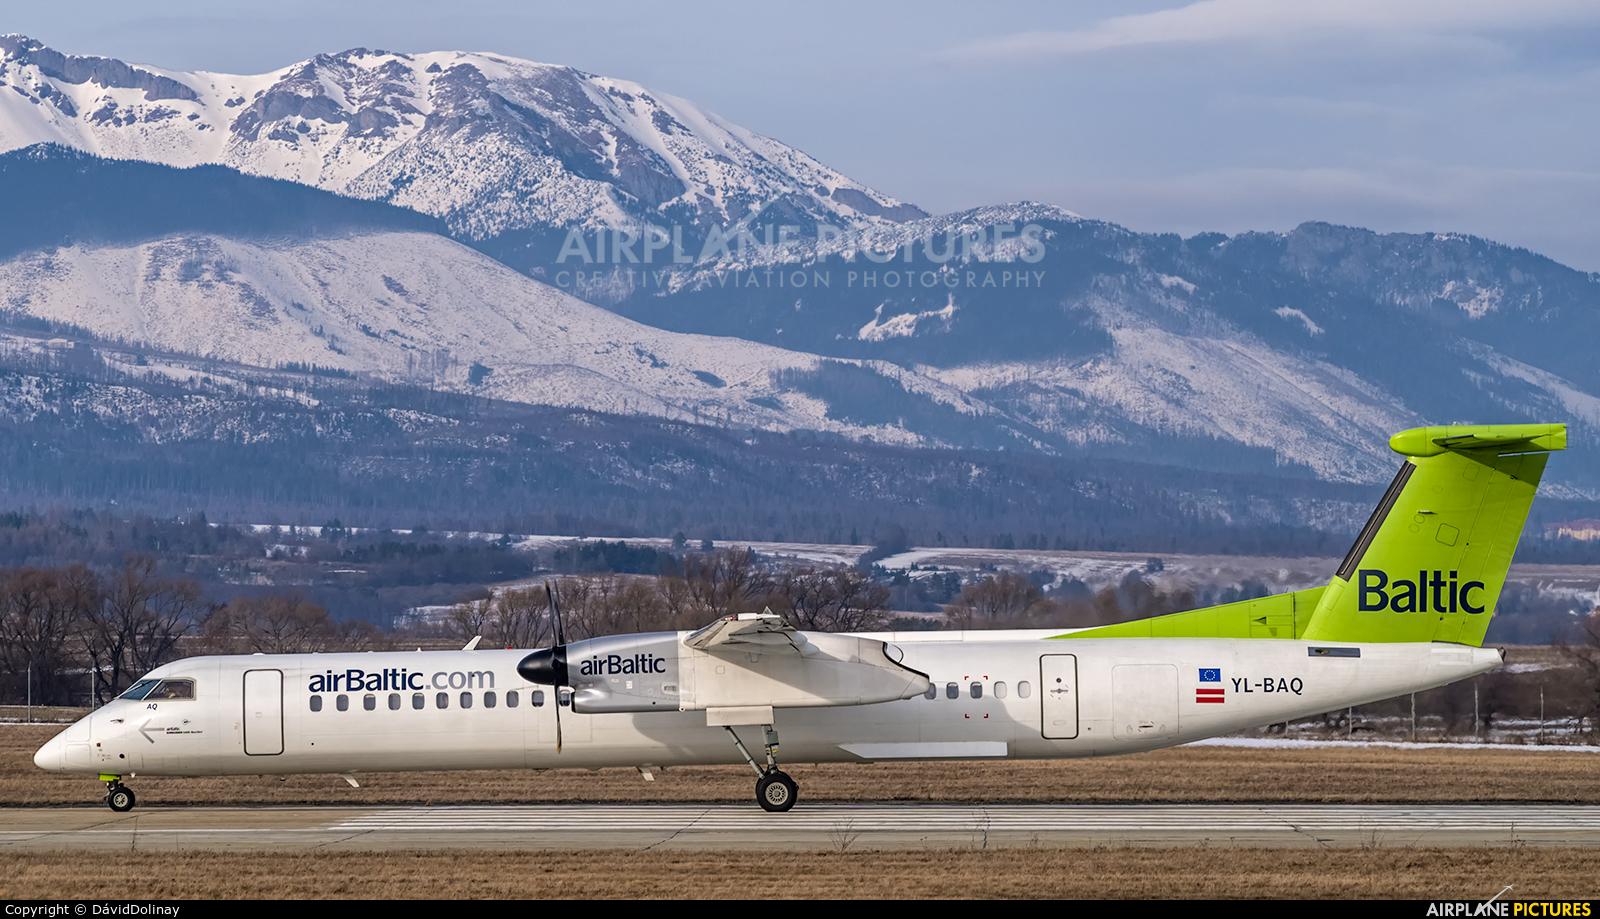 Air Baltic YL-BAQ aircraft at Poprad - Tatry